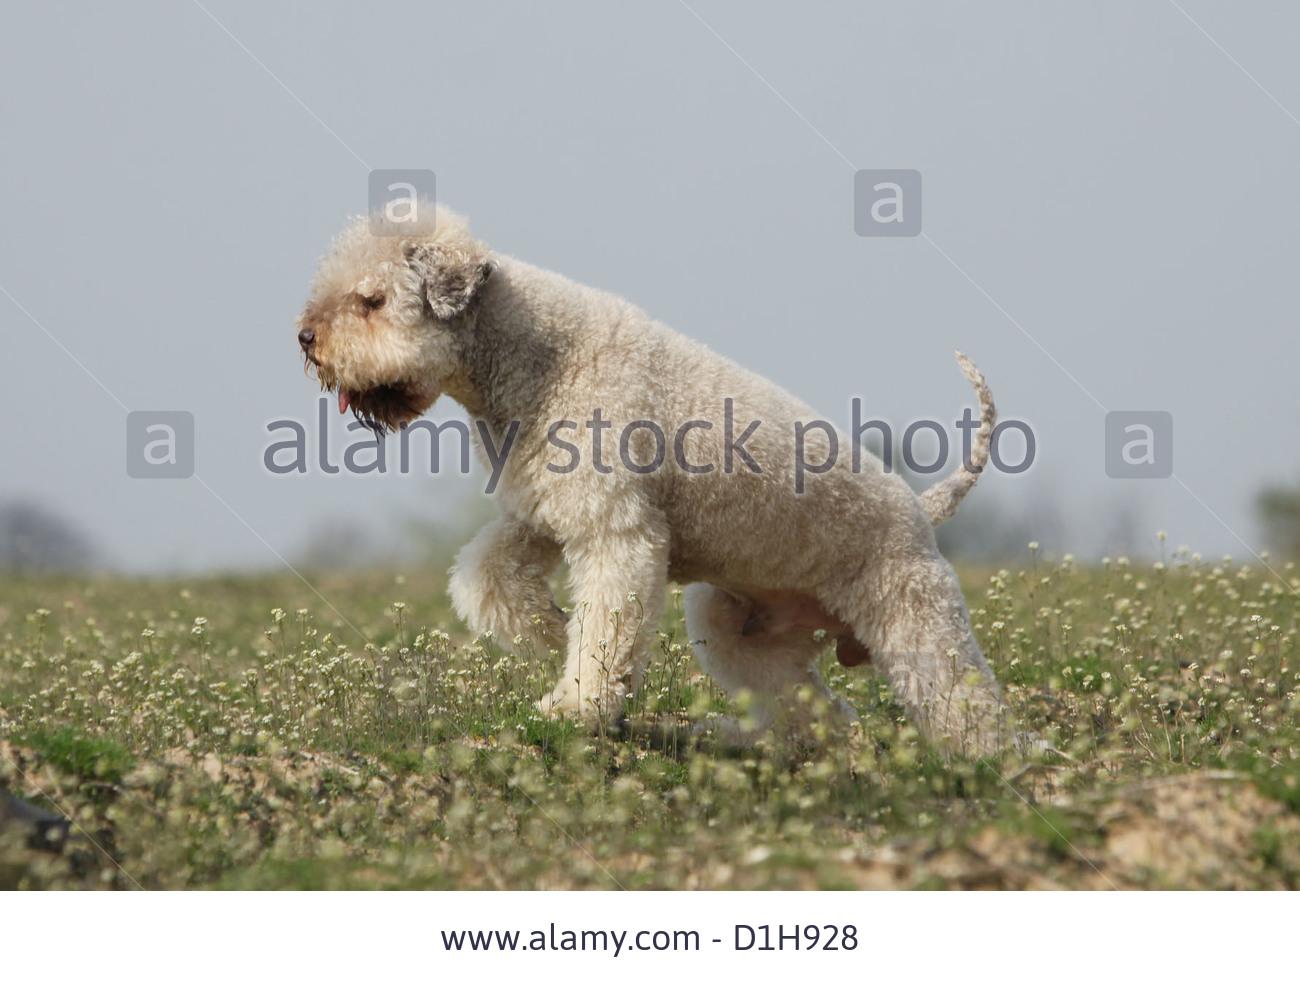 Lagotto Romagnolo Dog: Lagotto Stock Dog Lagotto Romagnolo Truffle Dog Standard Profile Breed